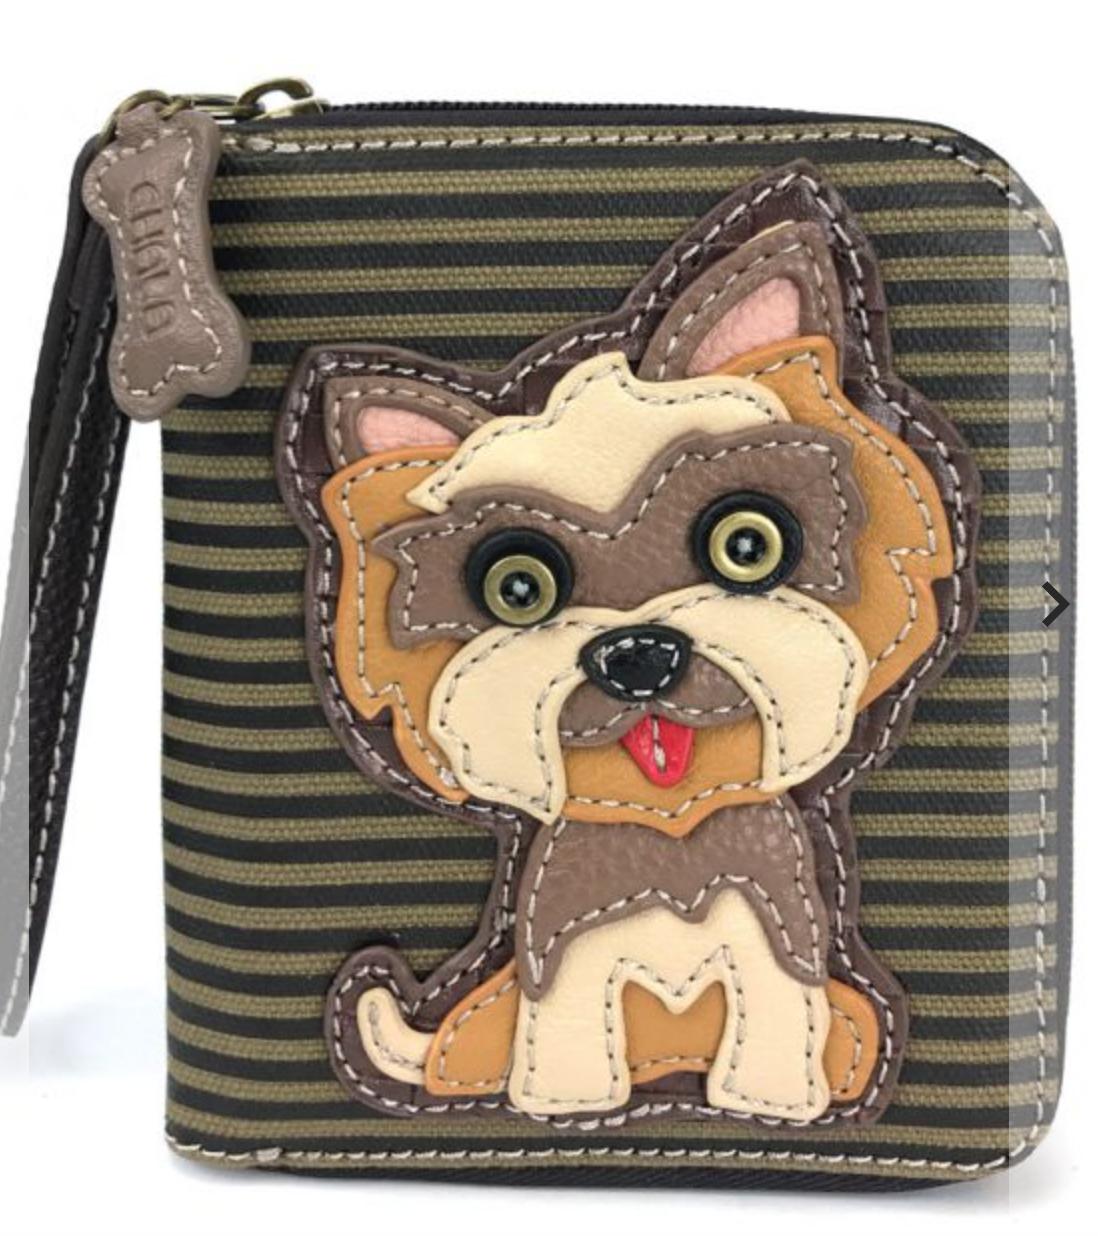 Yorkshire Terrier Striped Zip Around Wallet